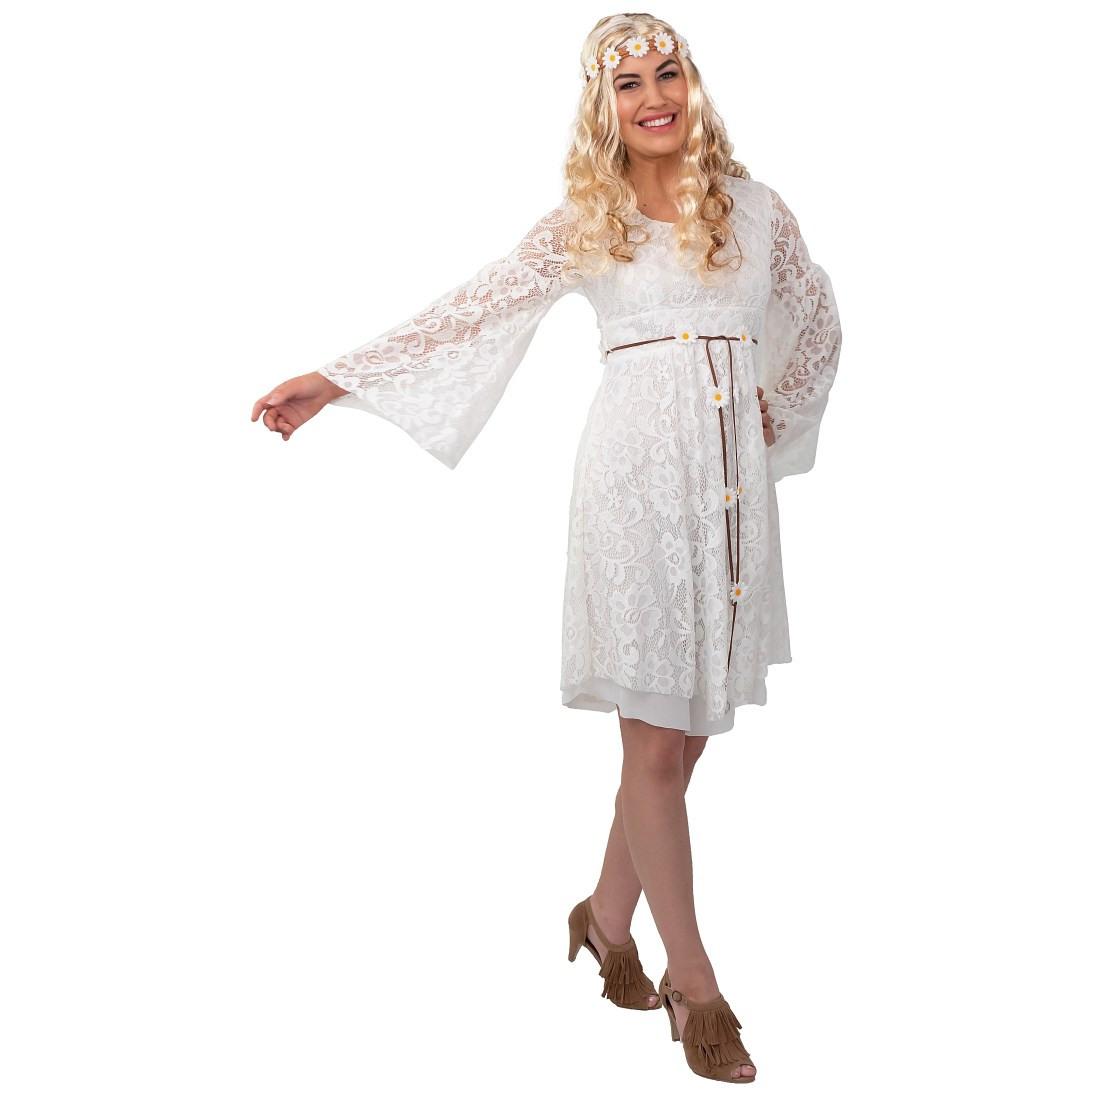 Stilechtes Hippiekleid Mit Spitze Für Erwachsene Weiß 37